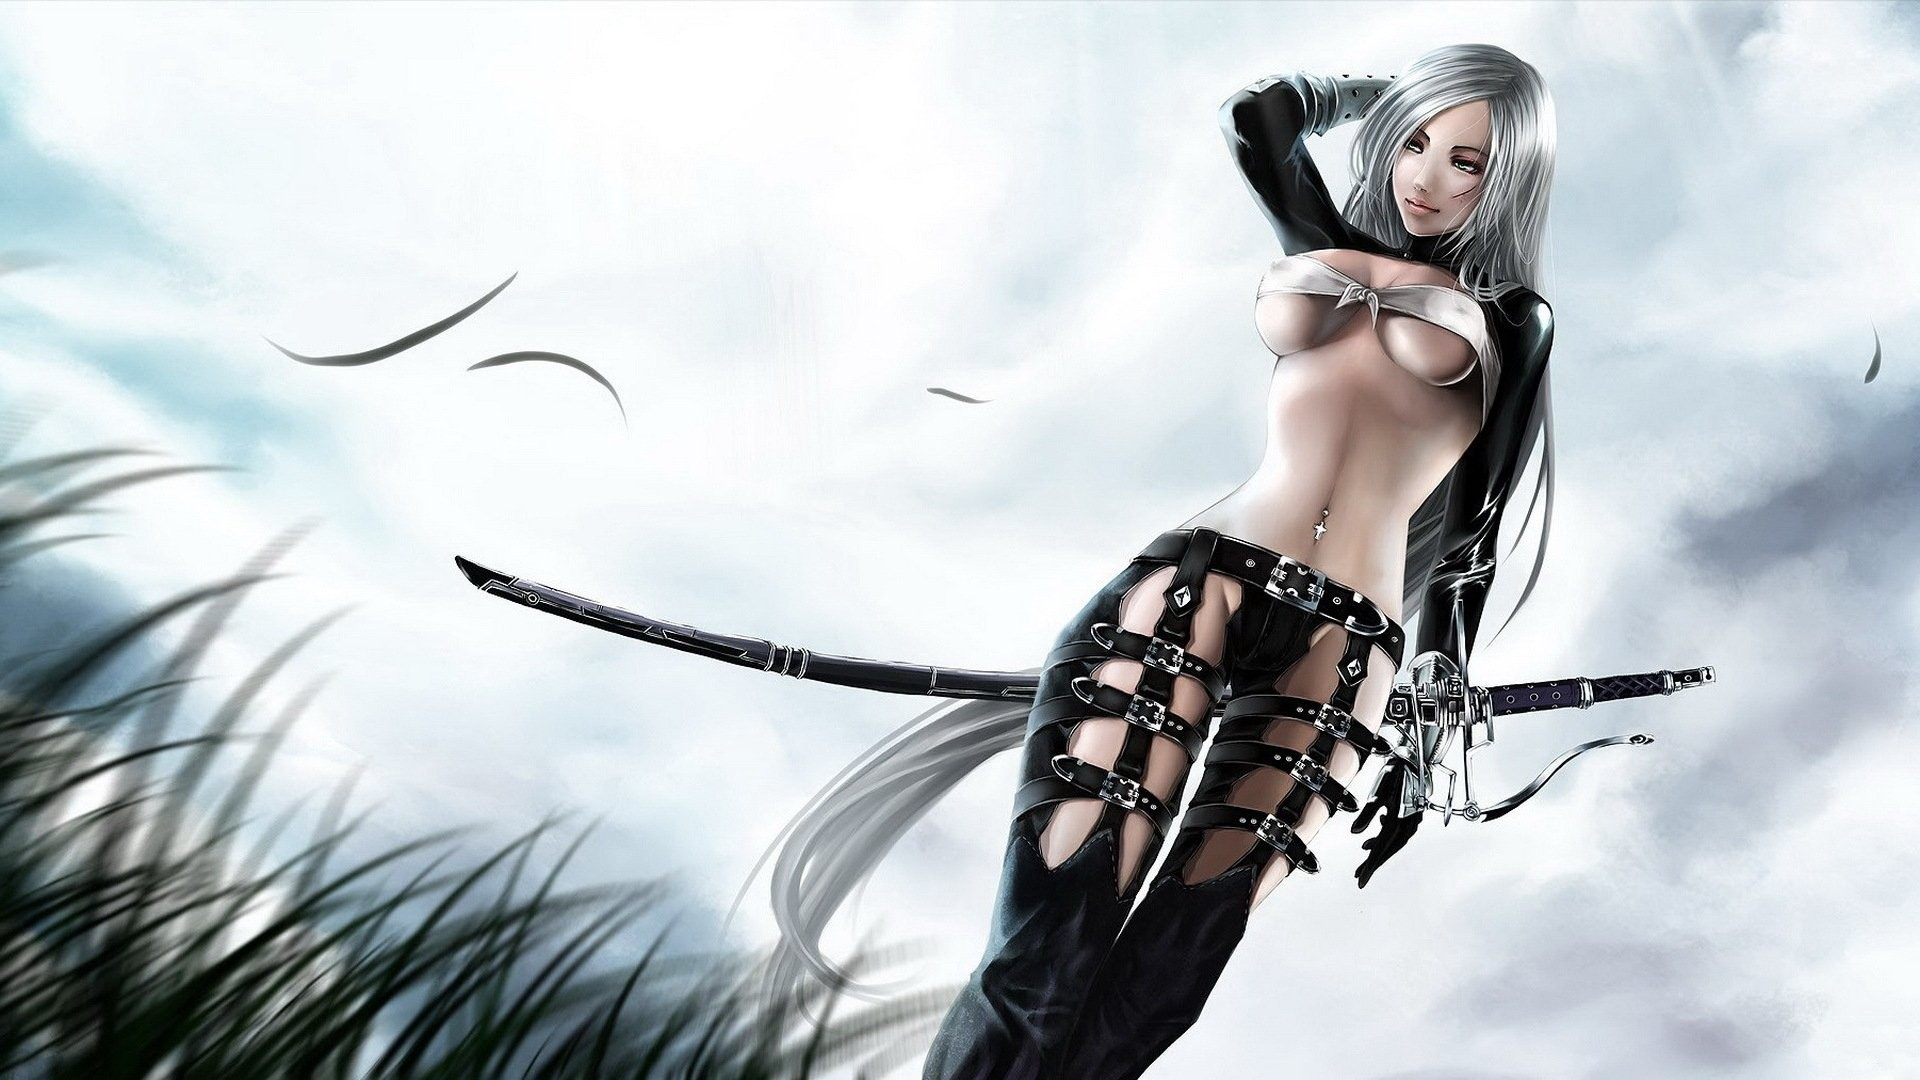 Very Horny Warrior Girl Necai Fuck